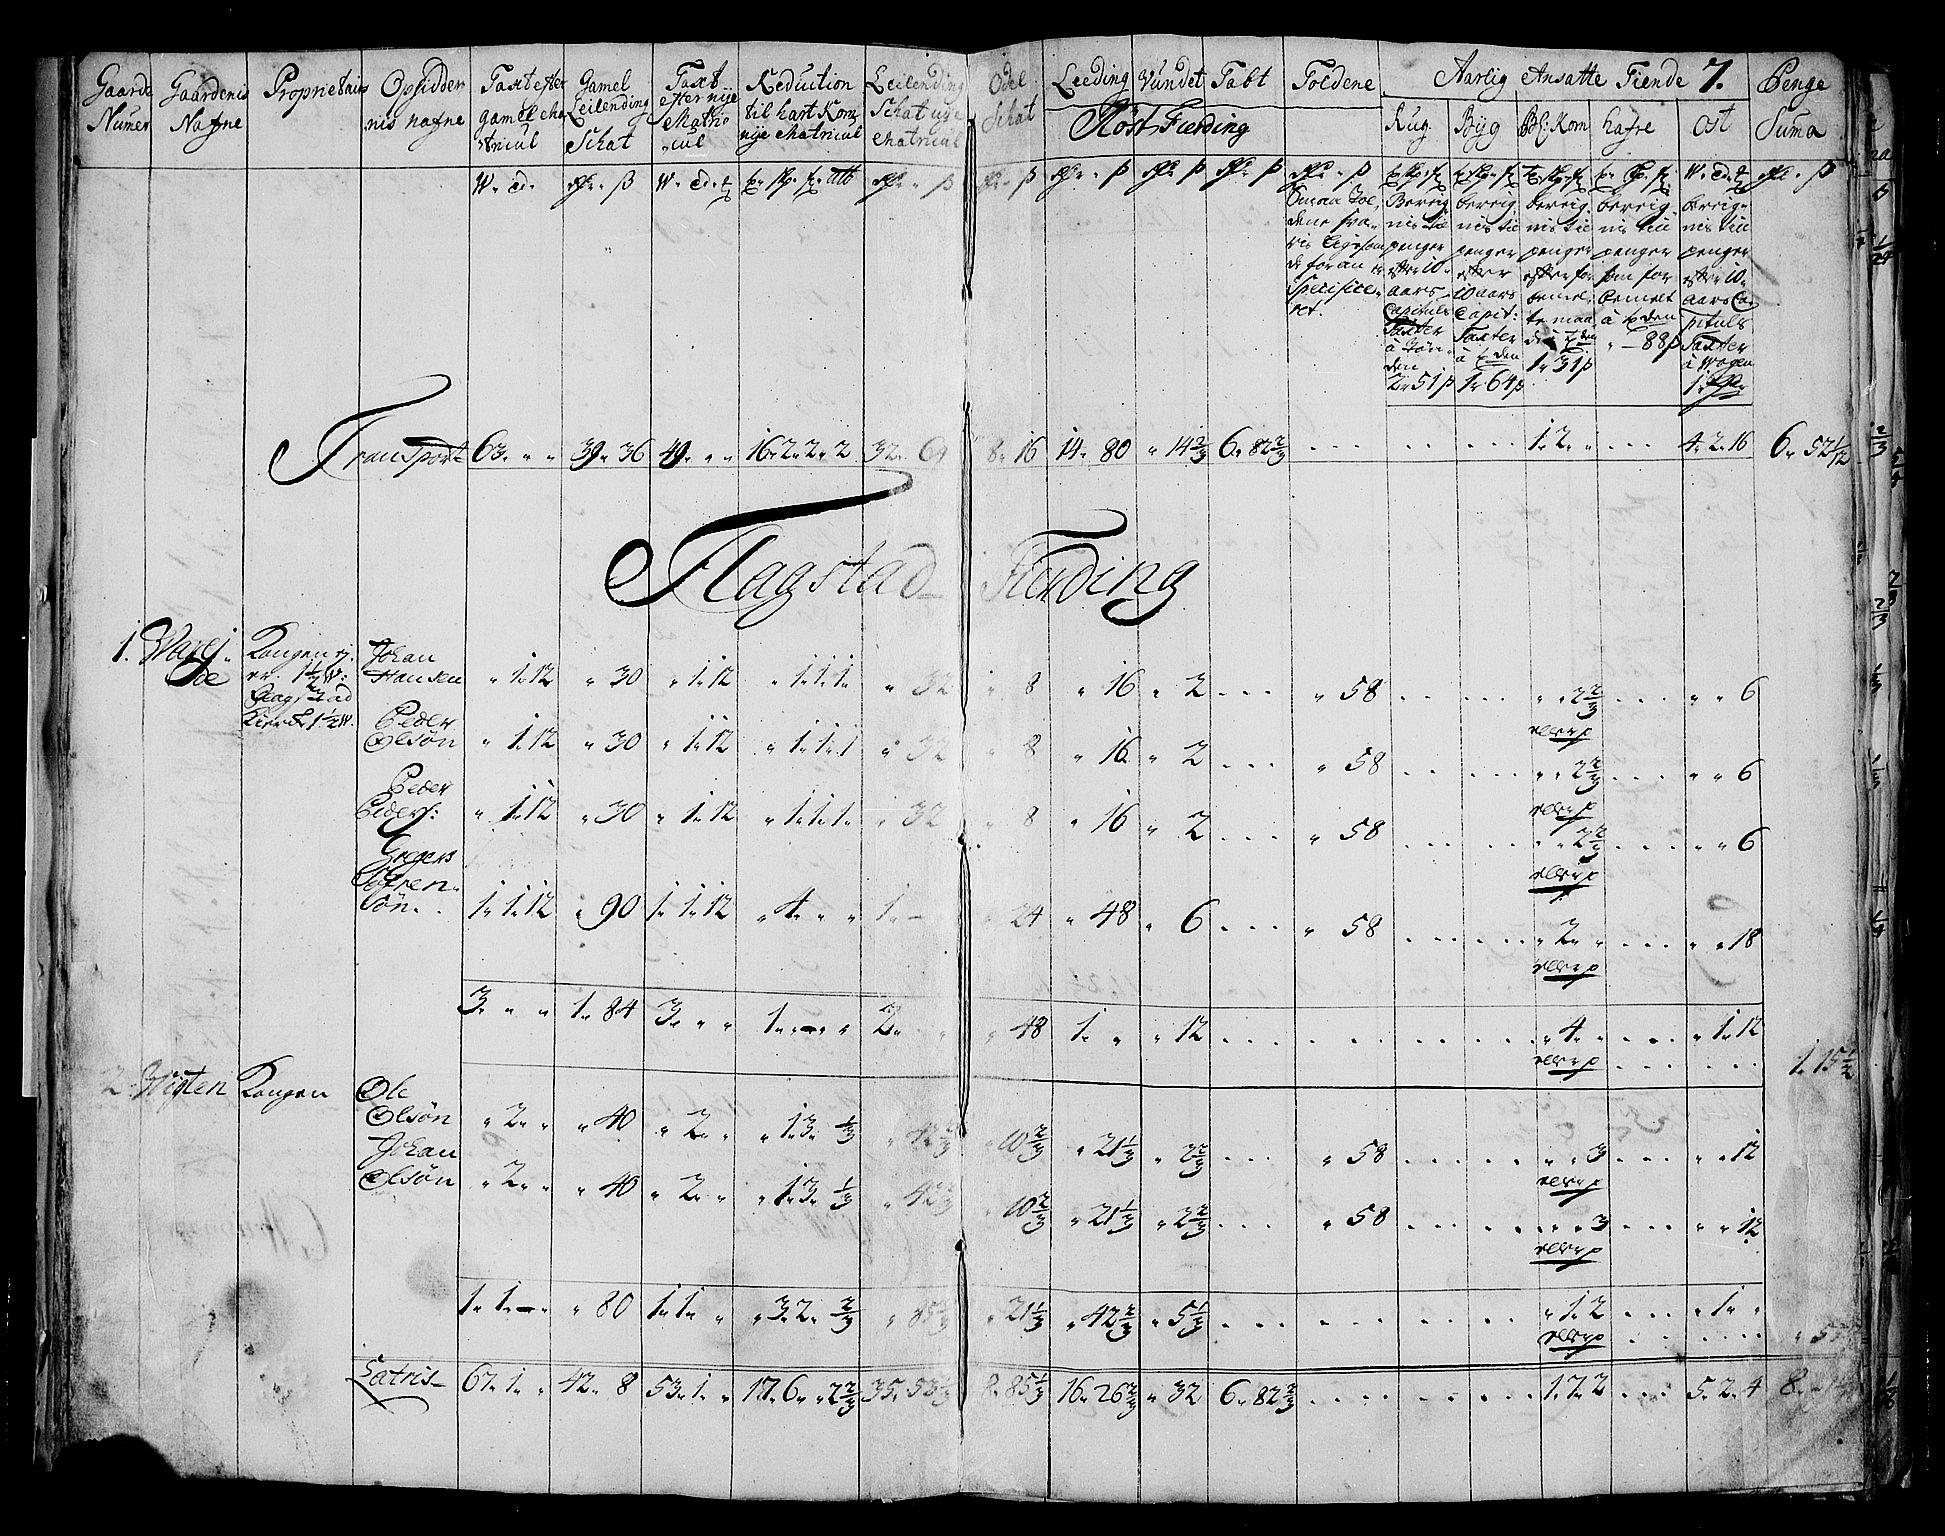 RA, Rentekammeret inntil 1814, Realistisk ordnet avdeling, N/Nb/Nbf/L0175: Lofoten matrikkelprotokoll, 1723, s. 6b-7a